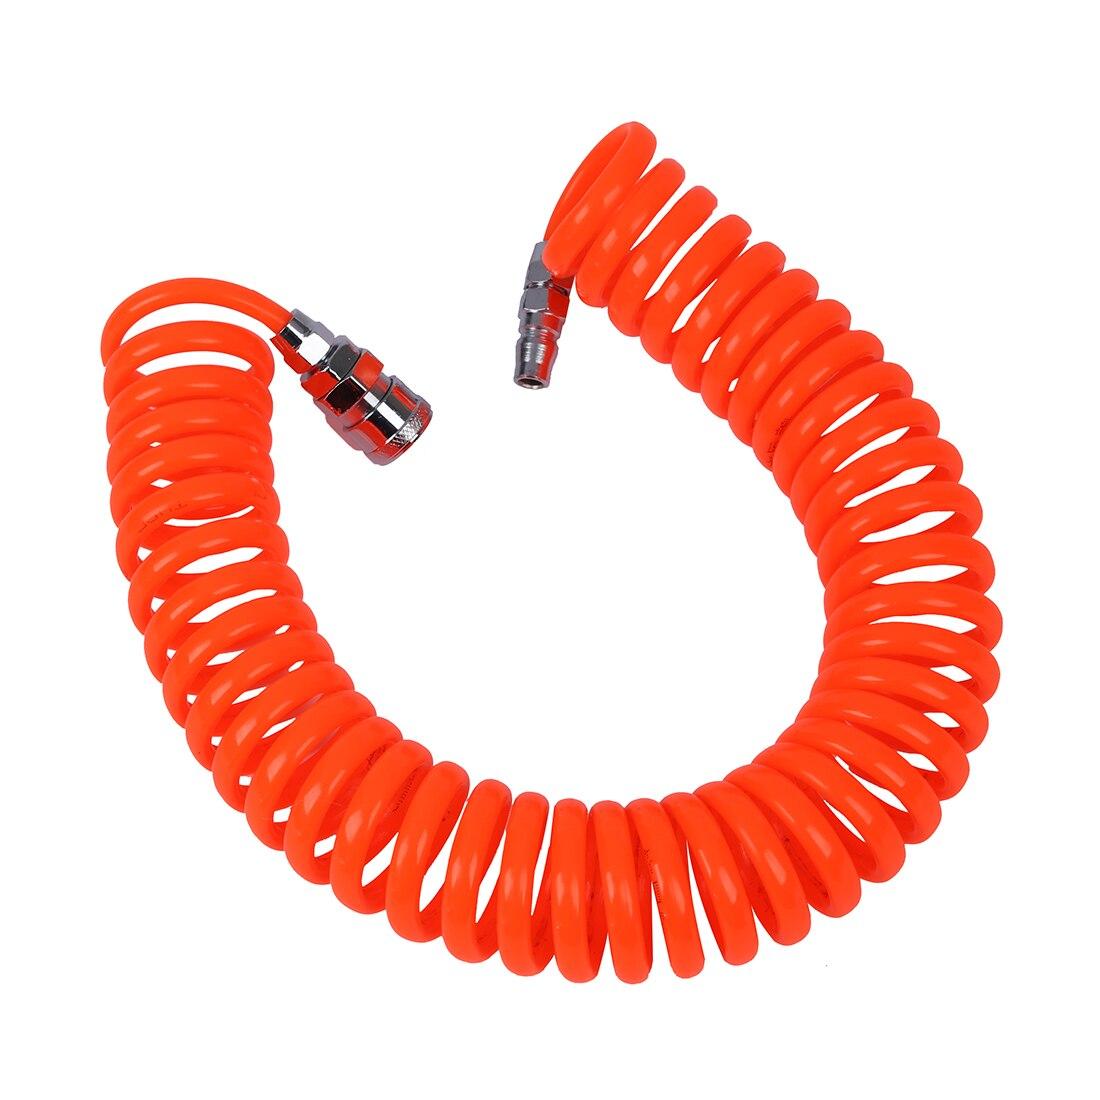 CNIM Chaude 6 M 19.7Ft 8mm x 5mm Flexible PU Recoil Tuyau Tube pour Compresseur D'air Outil